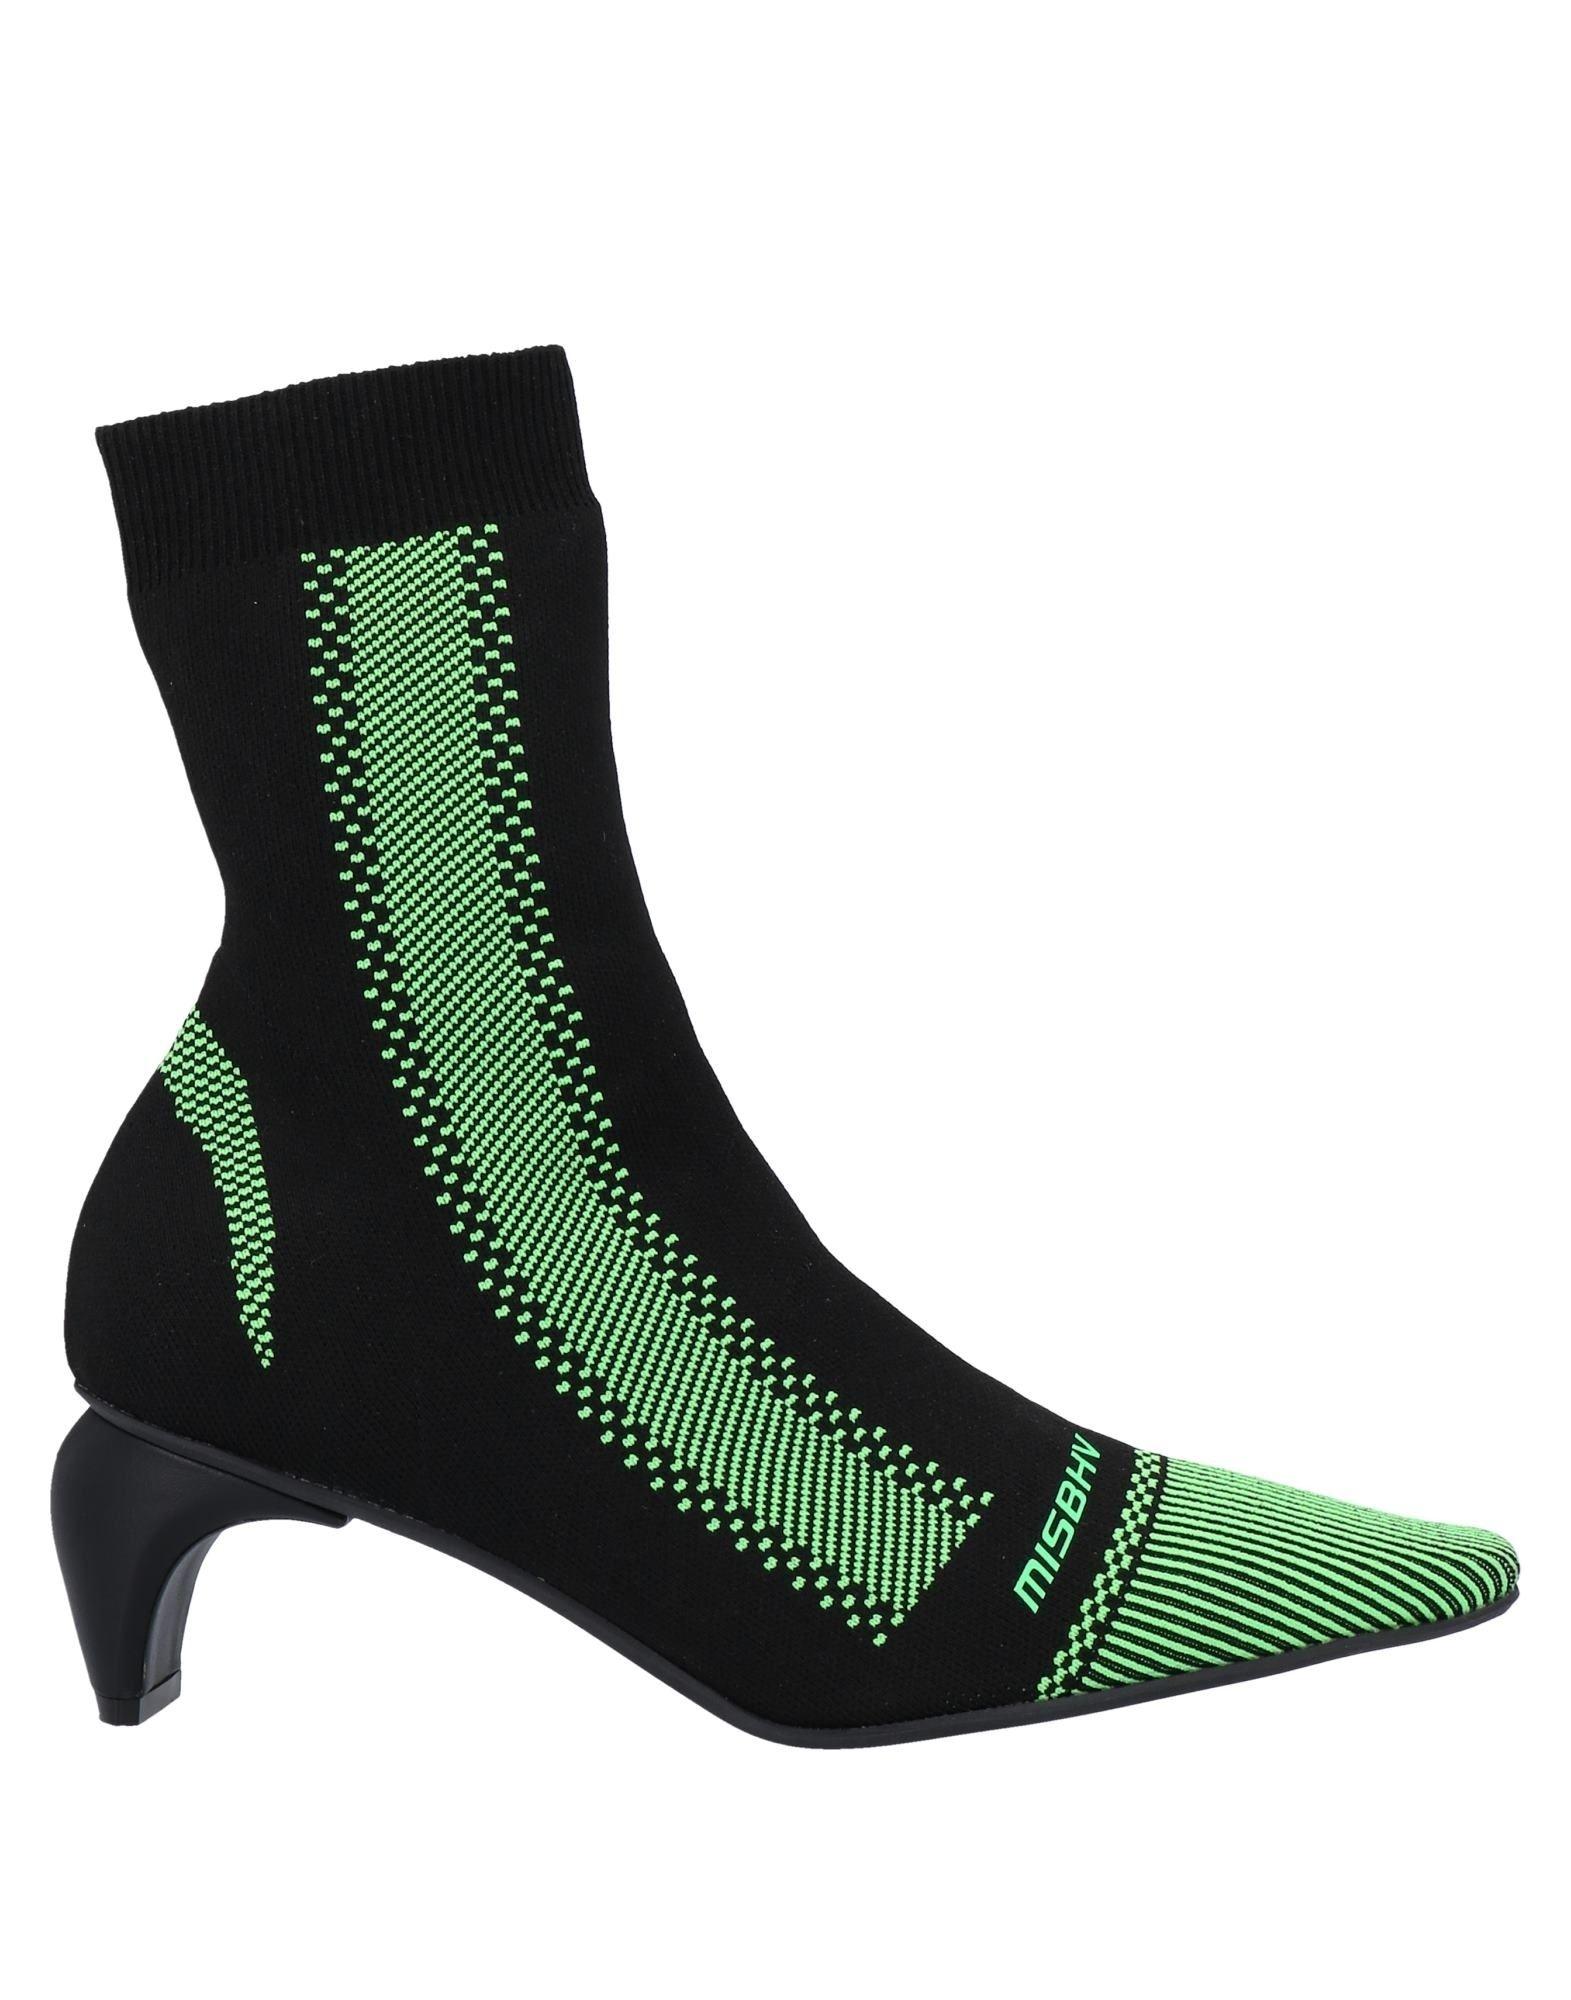 Фото - MISBHV Полусапоги и высокие ботинки толстовка женская egokillz2014 misbhv